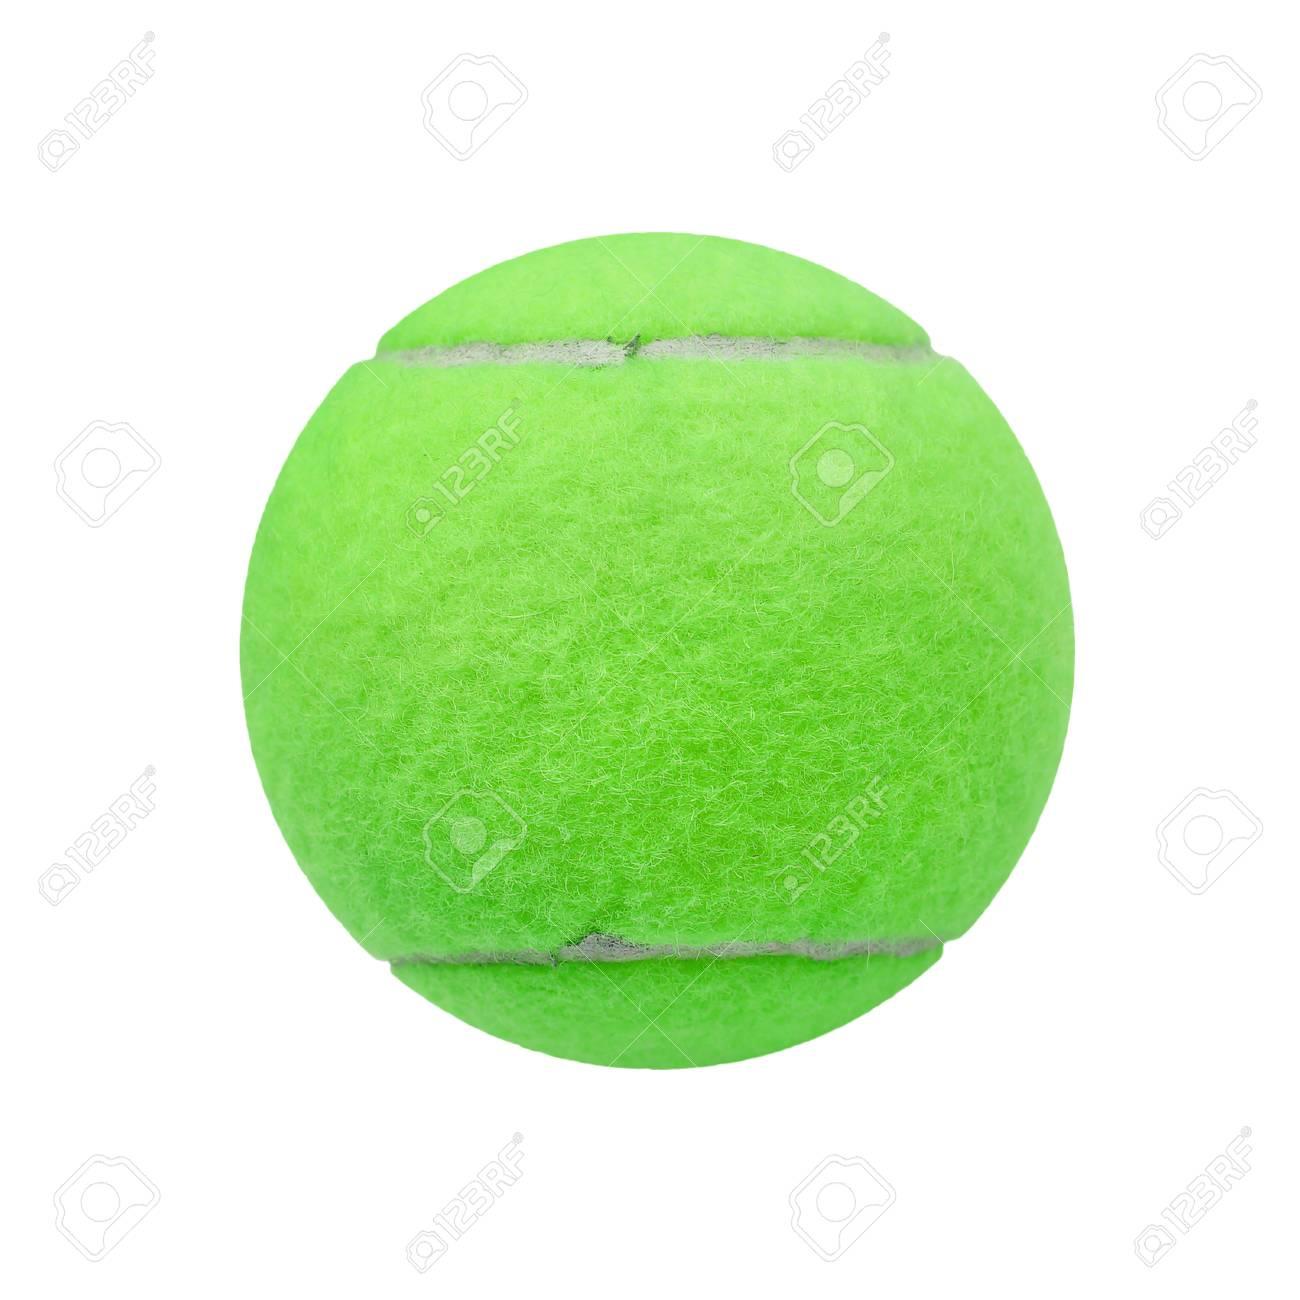 798ca332cb5e4 Banque d'images - Exotique verte balle de tennis de couleur isolé sur fond  blanc